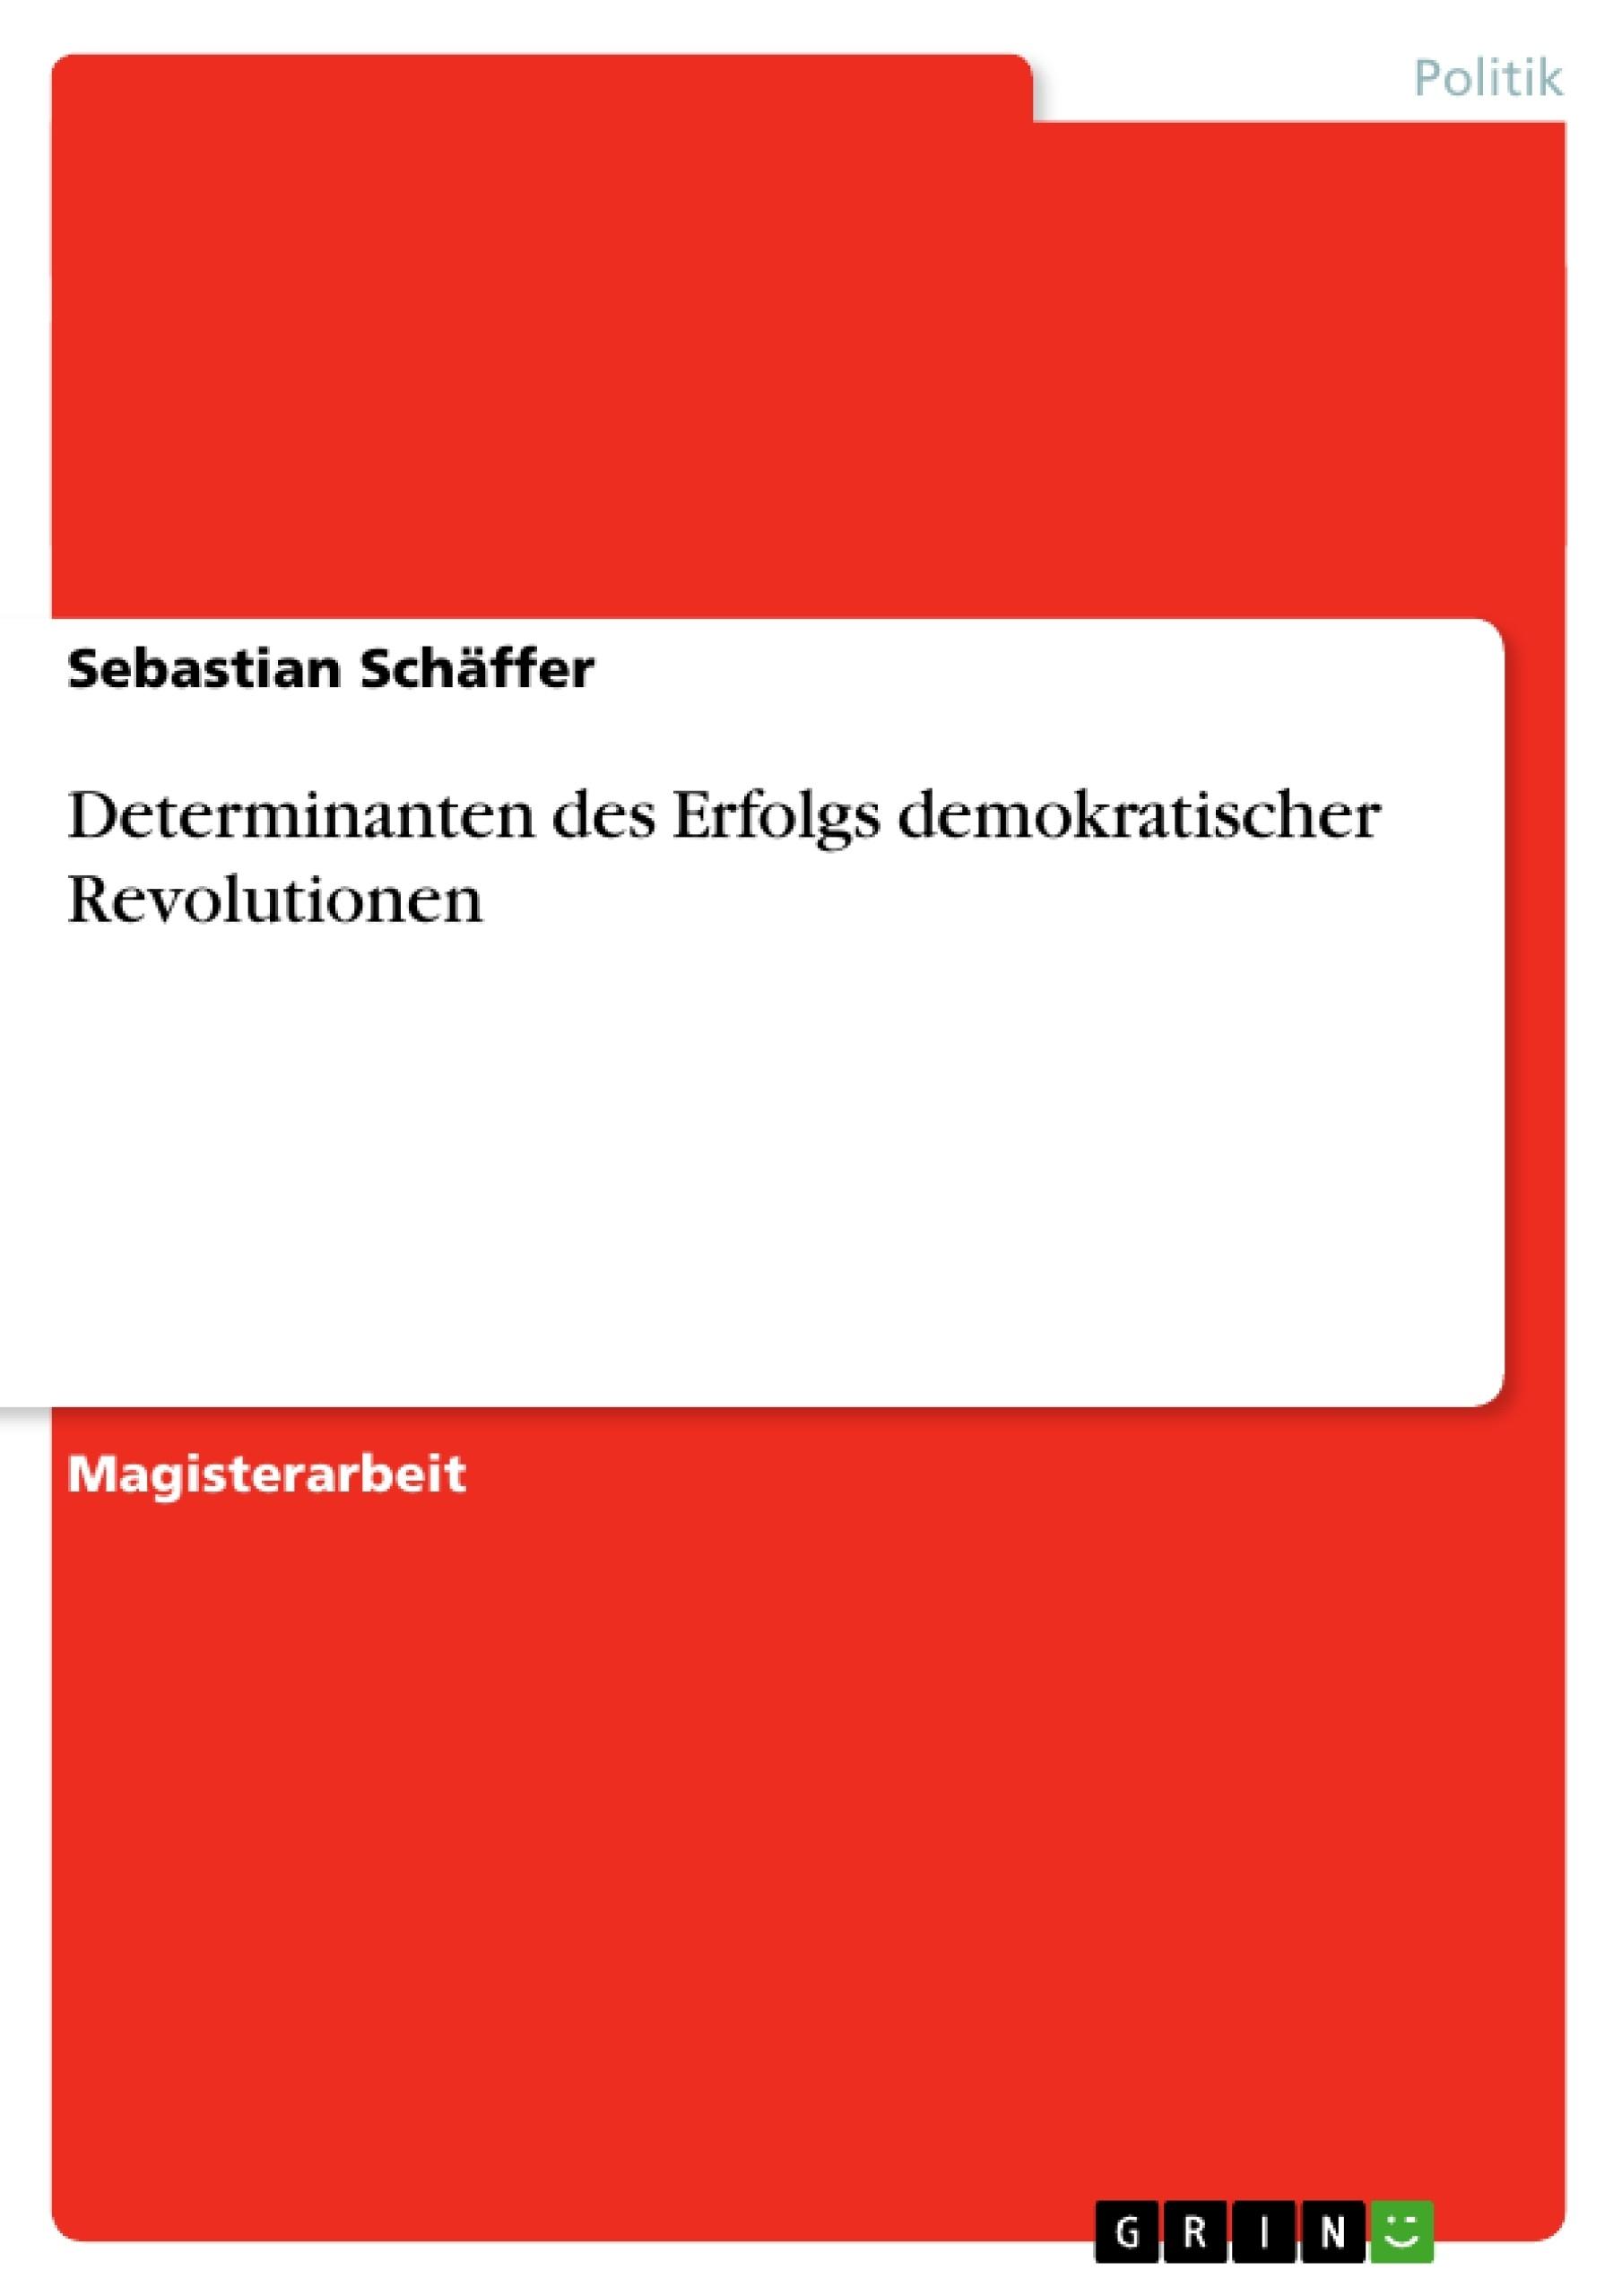 Titel: Determinanten des Erfolgs demokratischer Revolutionen